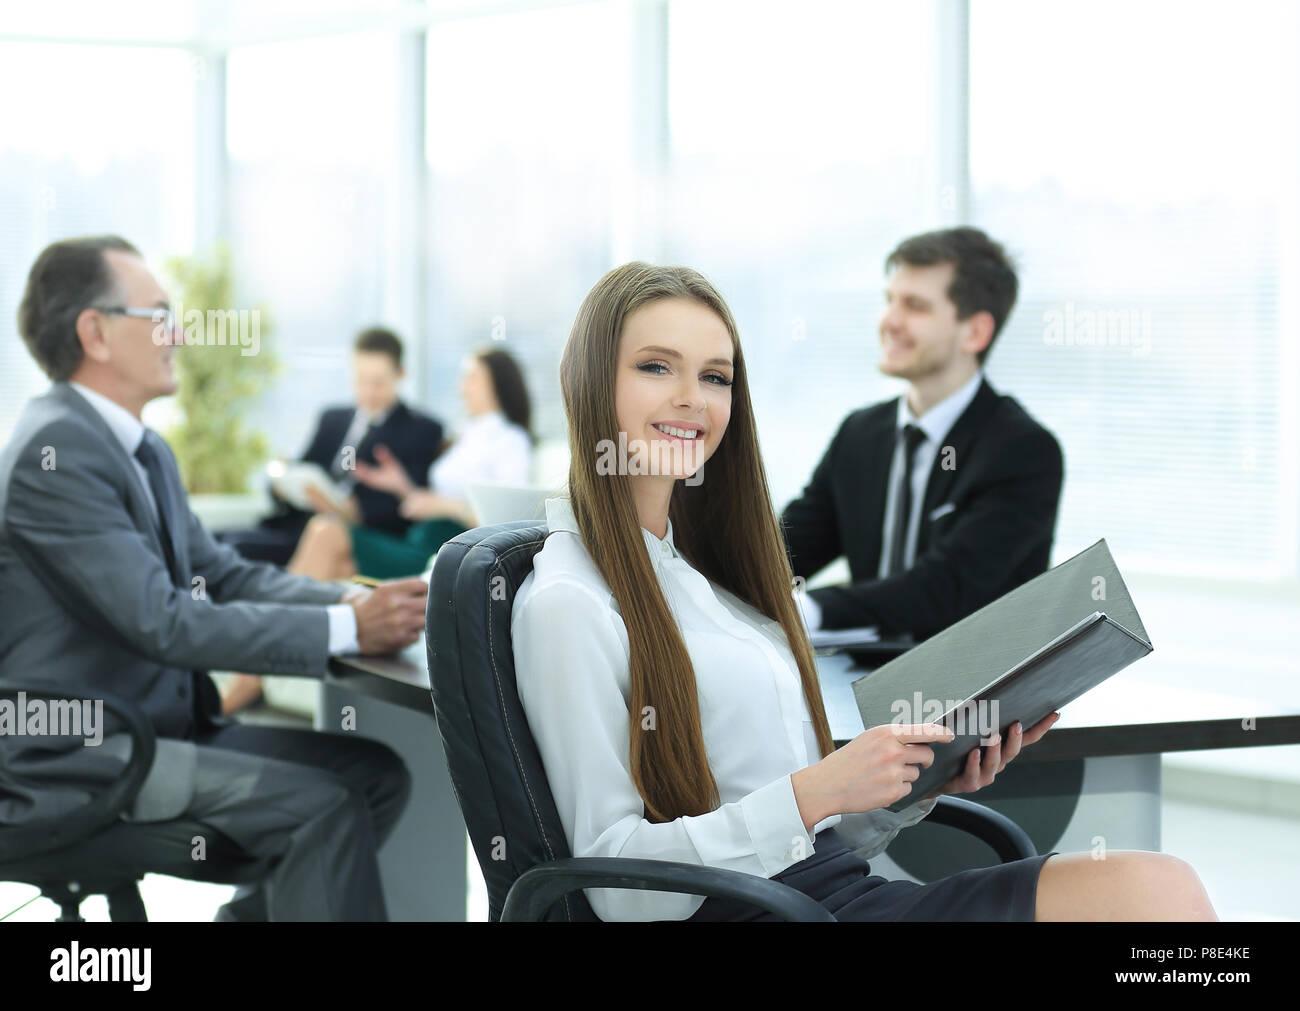 Executive business donna con appunti ufficio moderno Immagini Stock